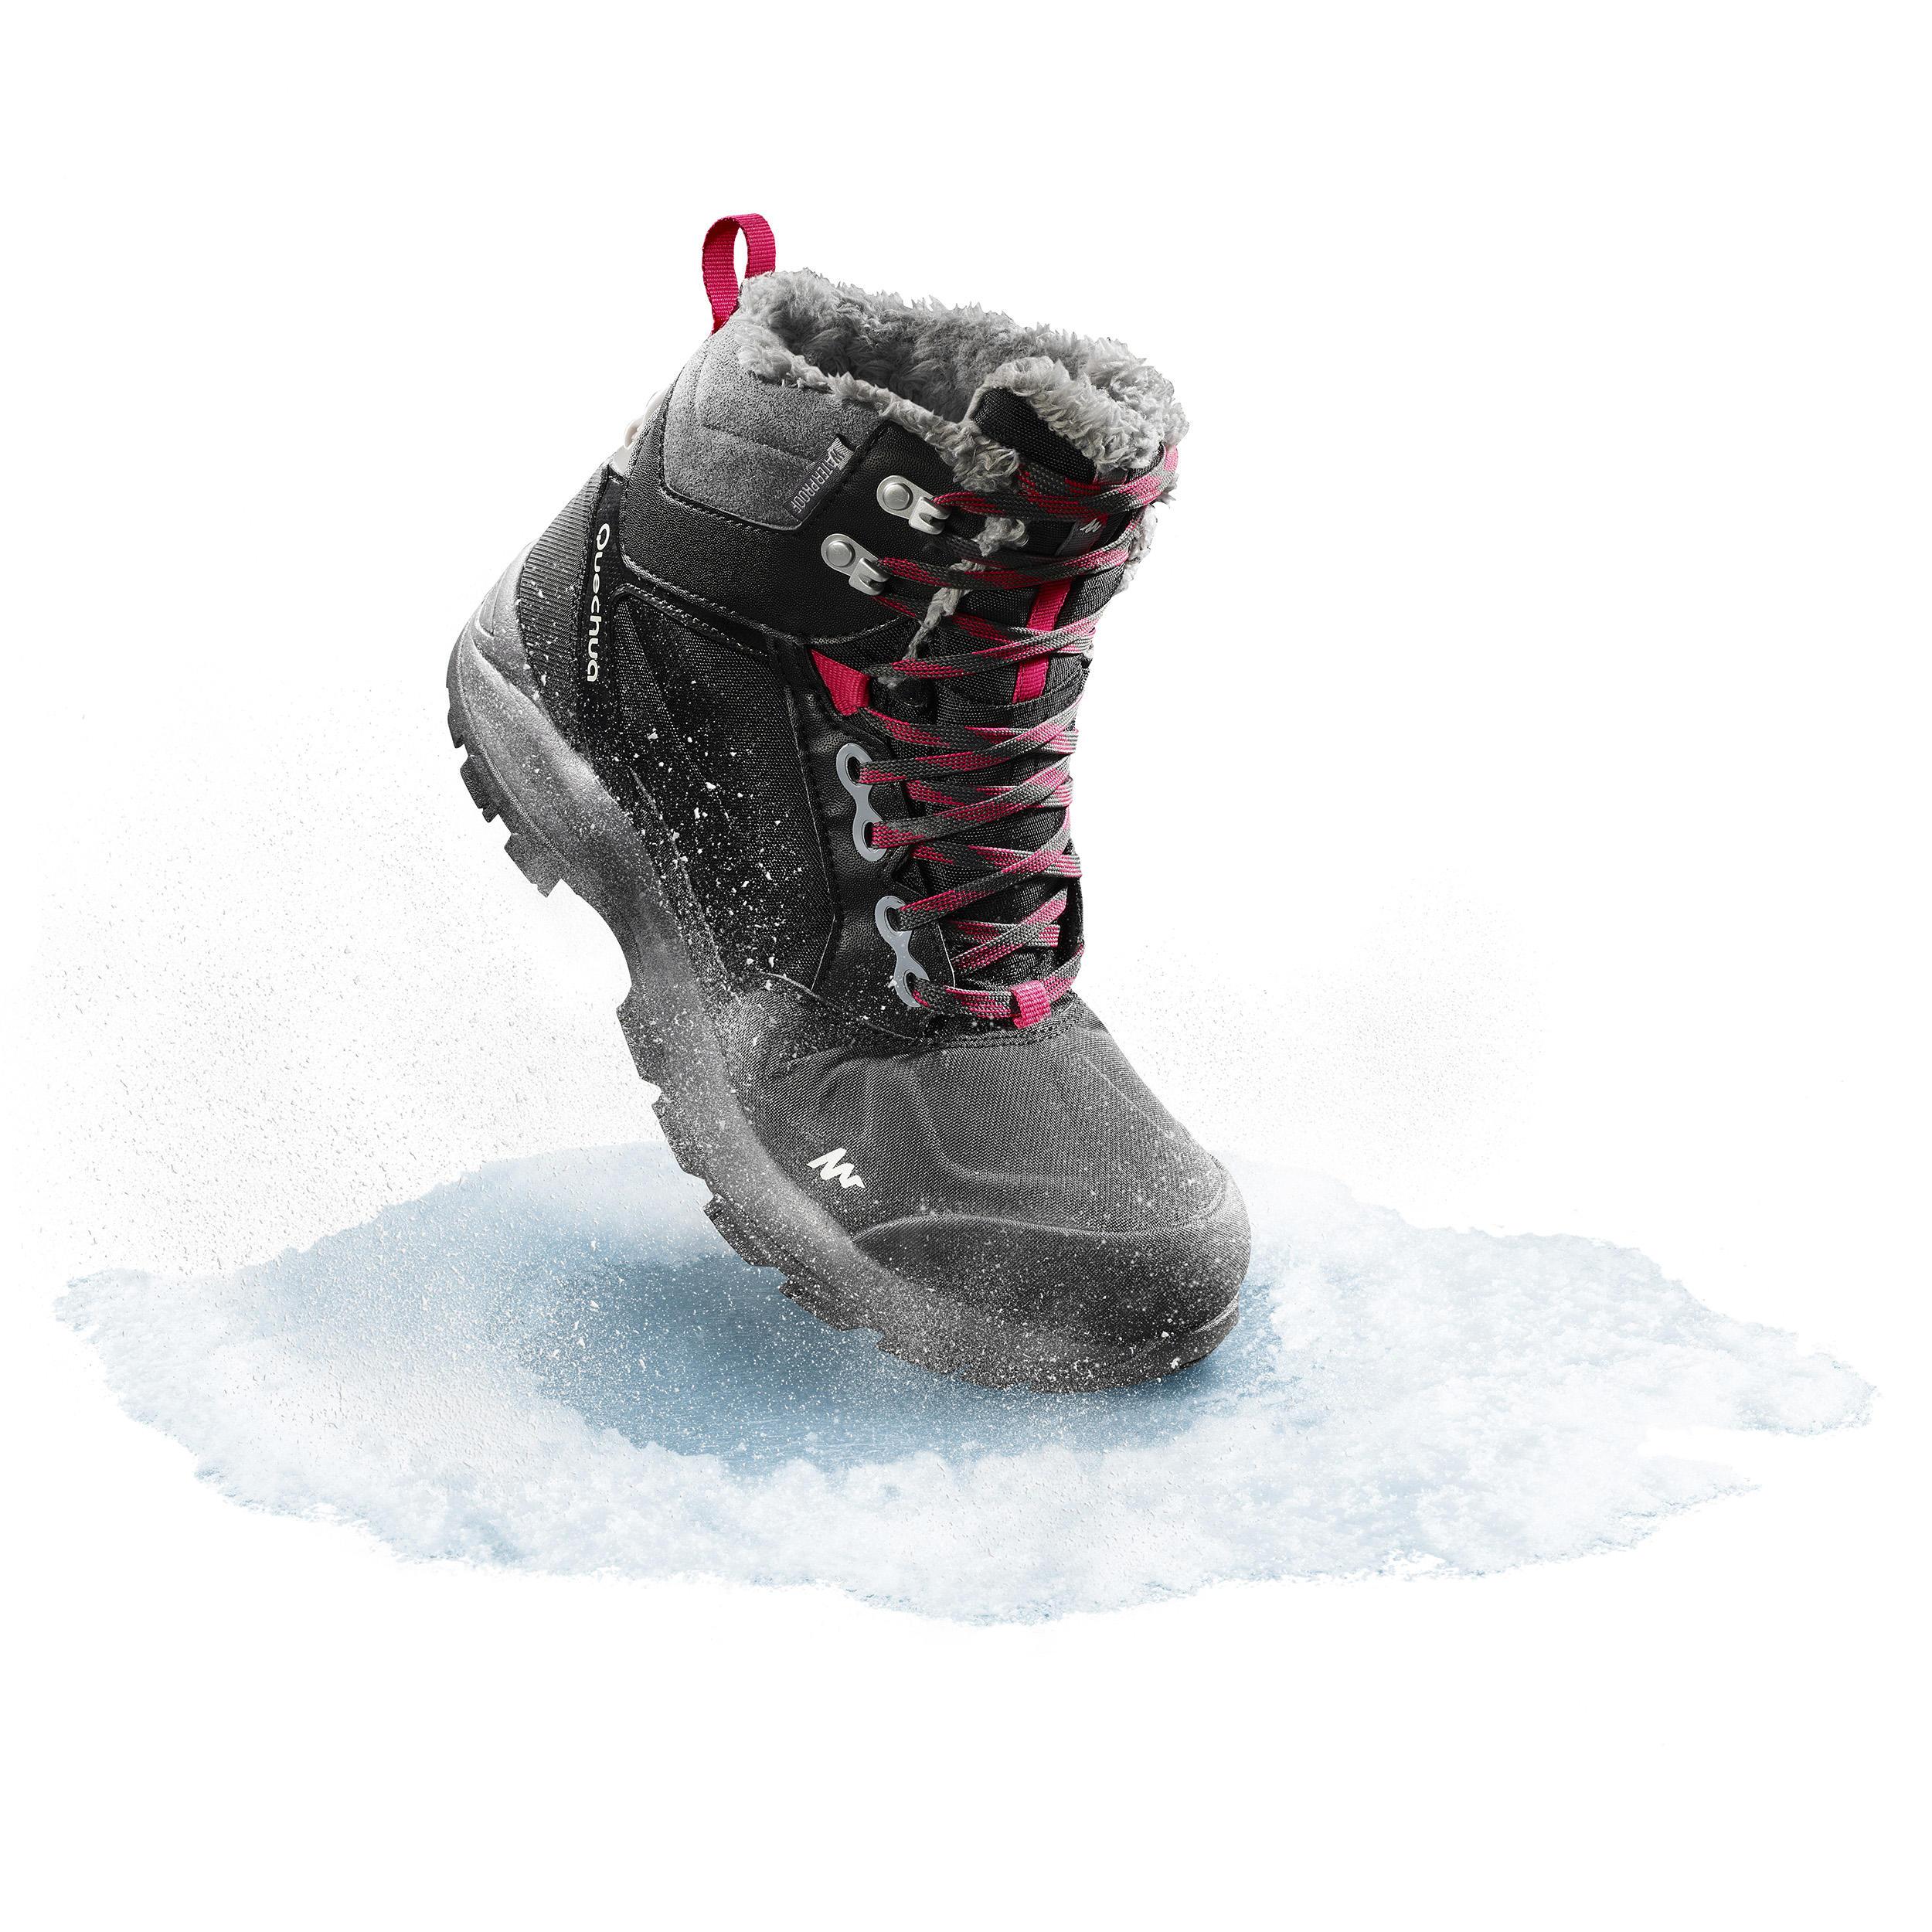 899569 Quechua Wandelschoenen voor de sneeuw heren SH500 Active Warm waterdicht